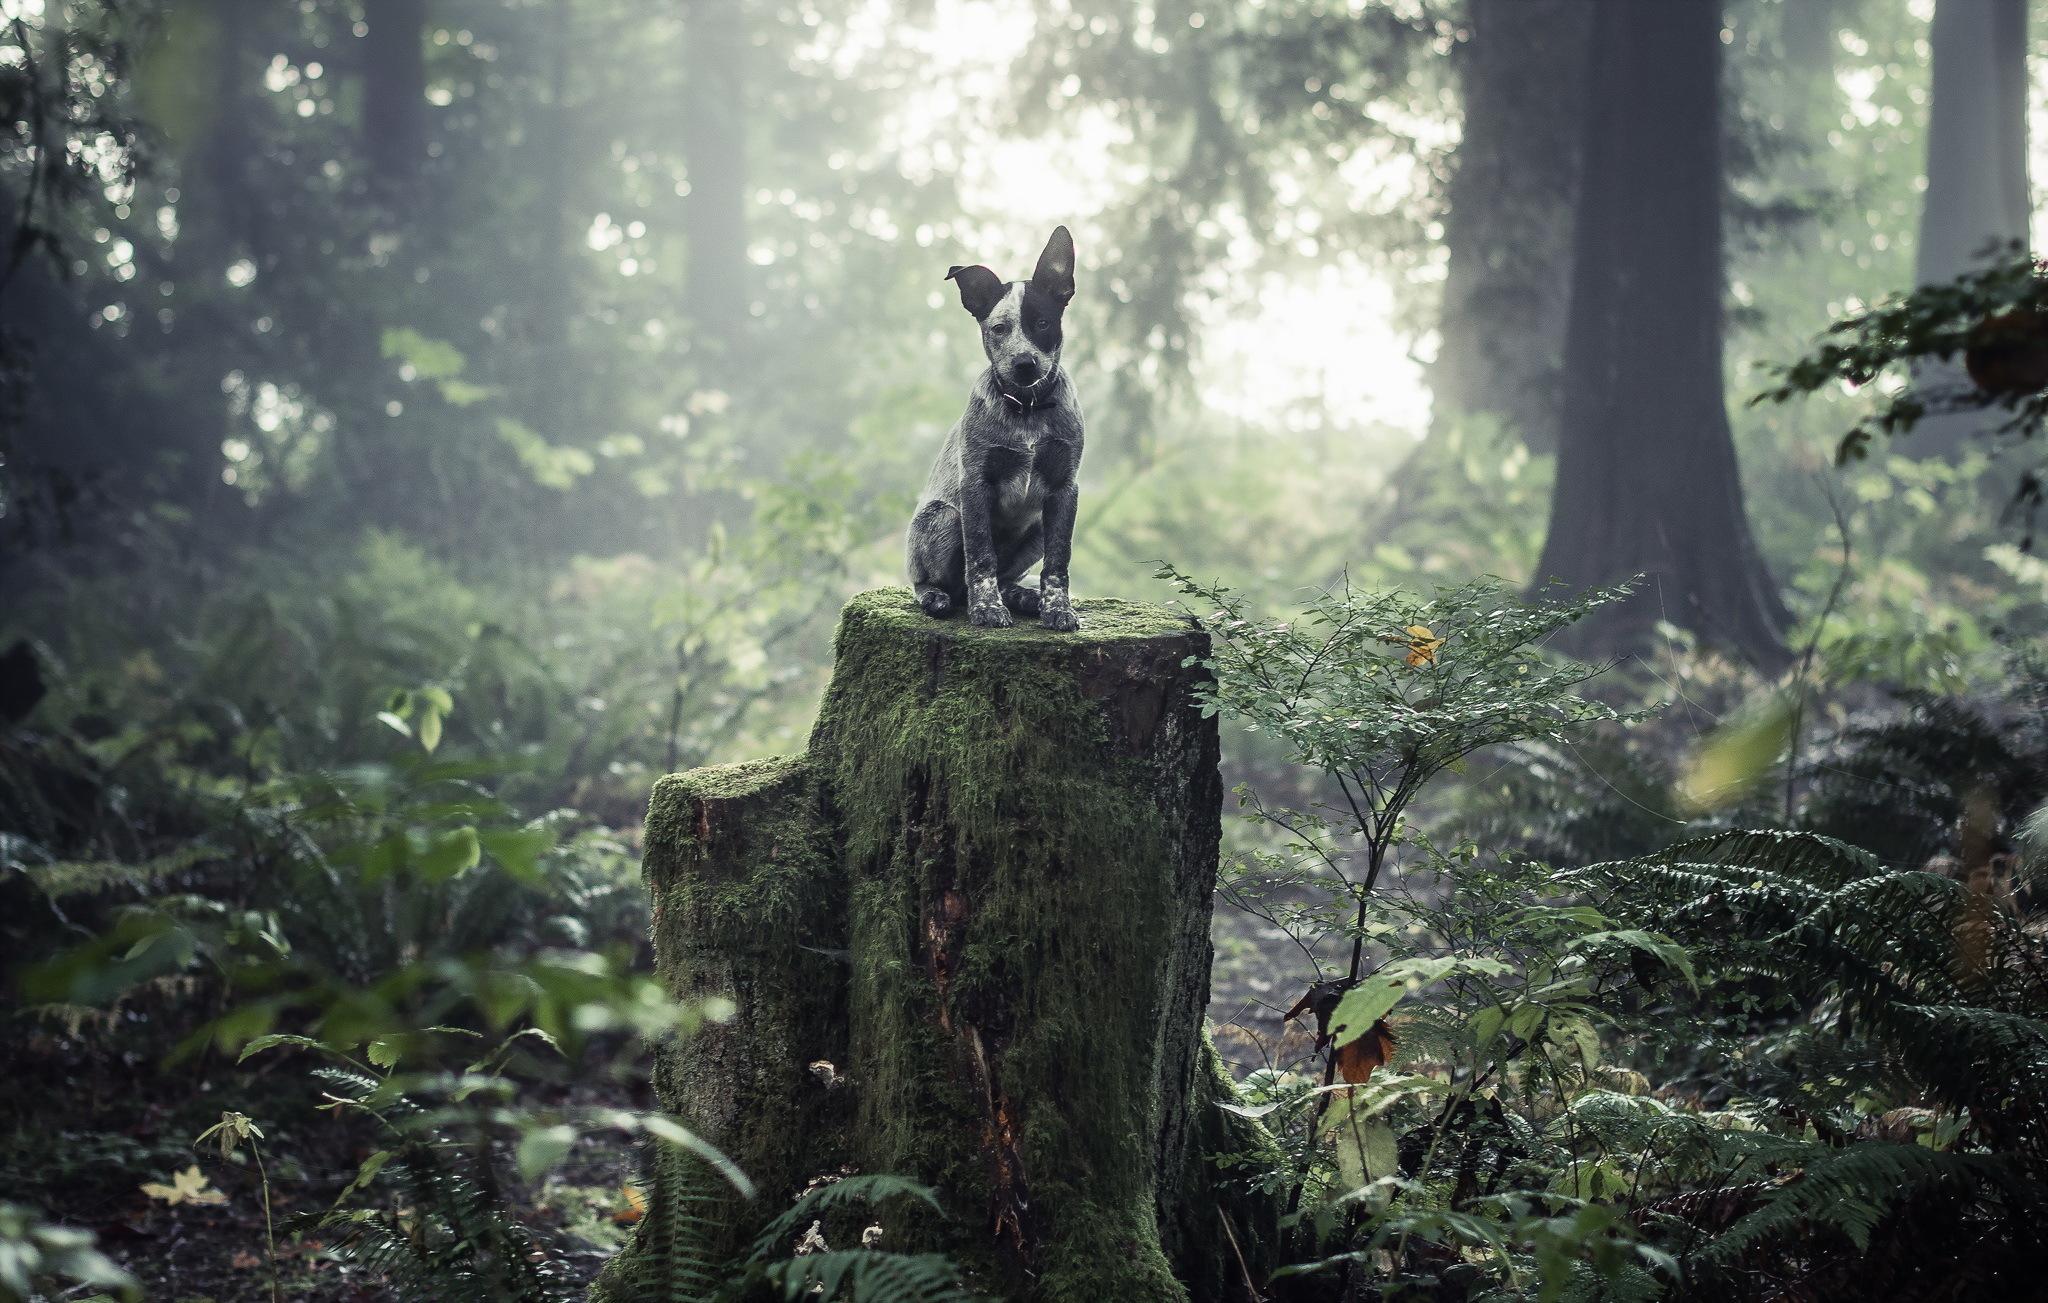 australian shepherd dog black and white